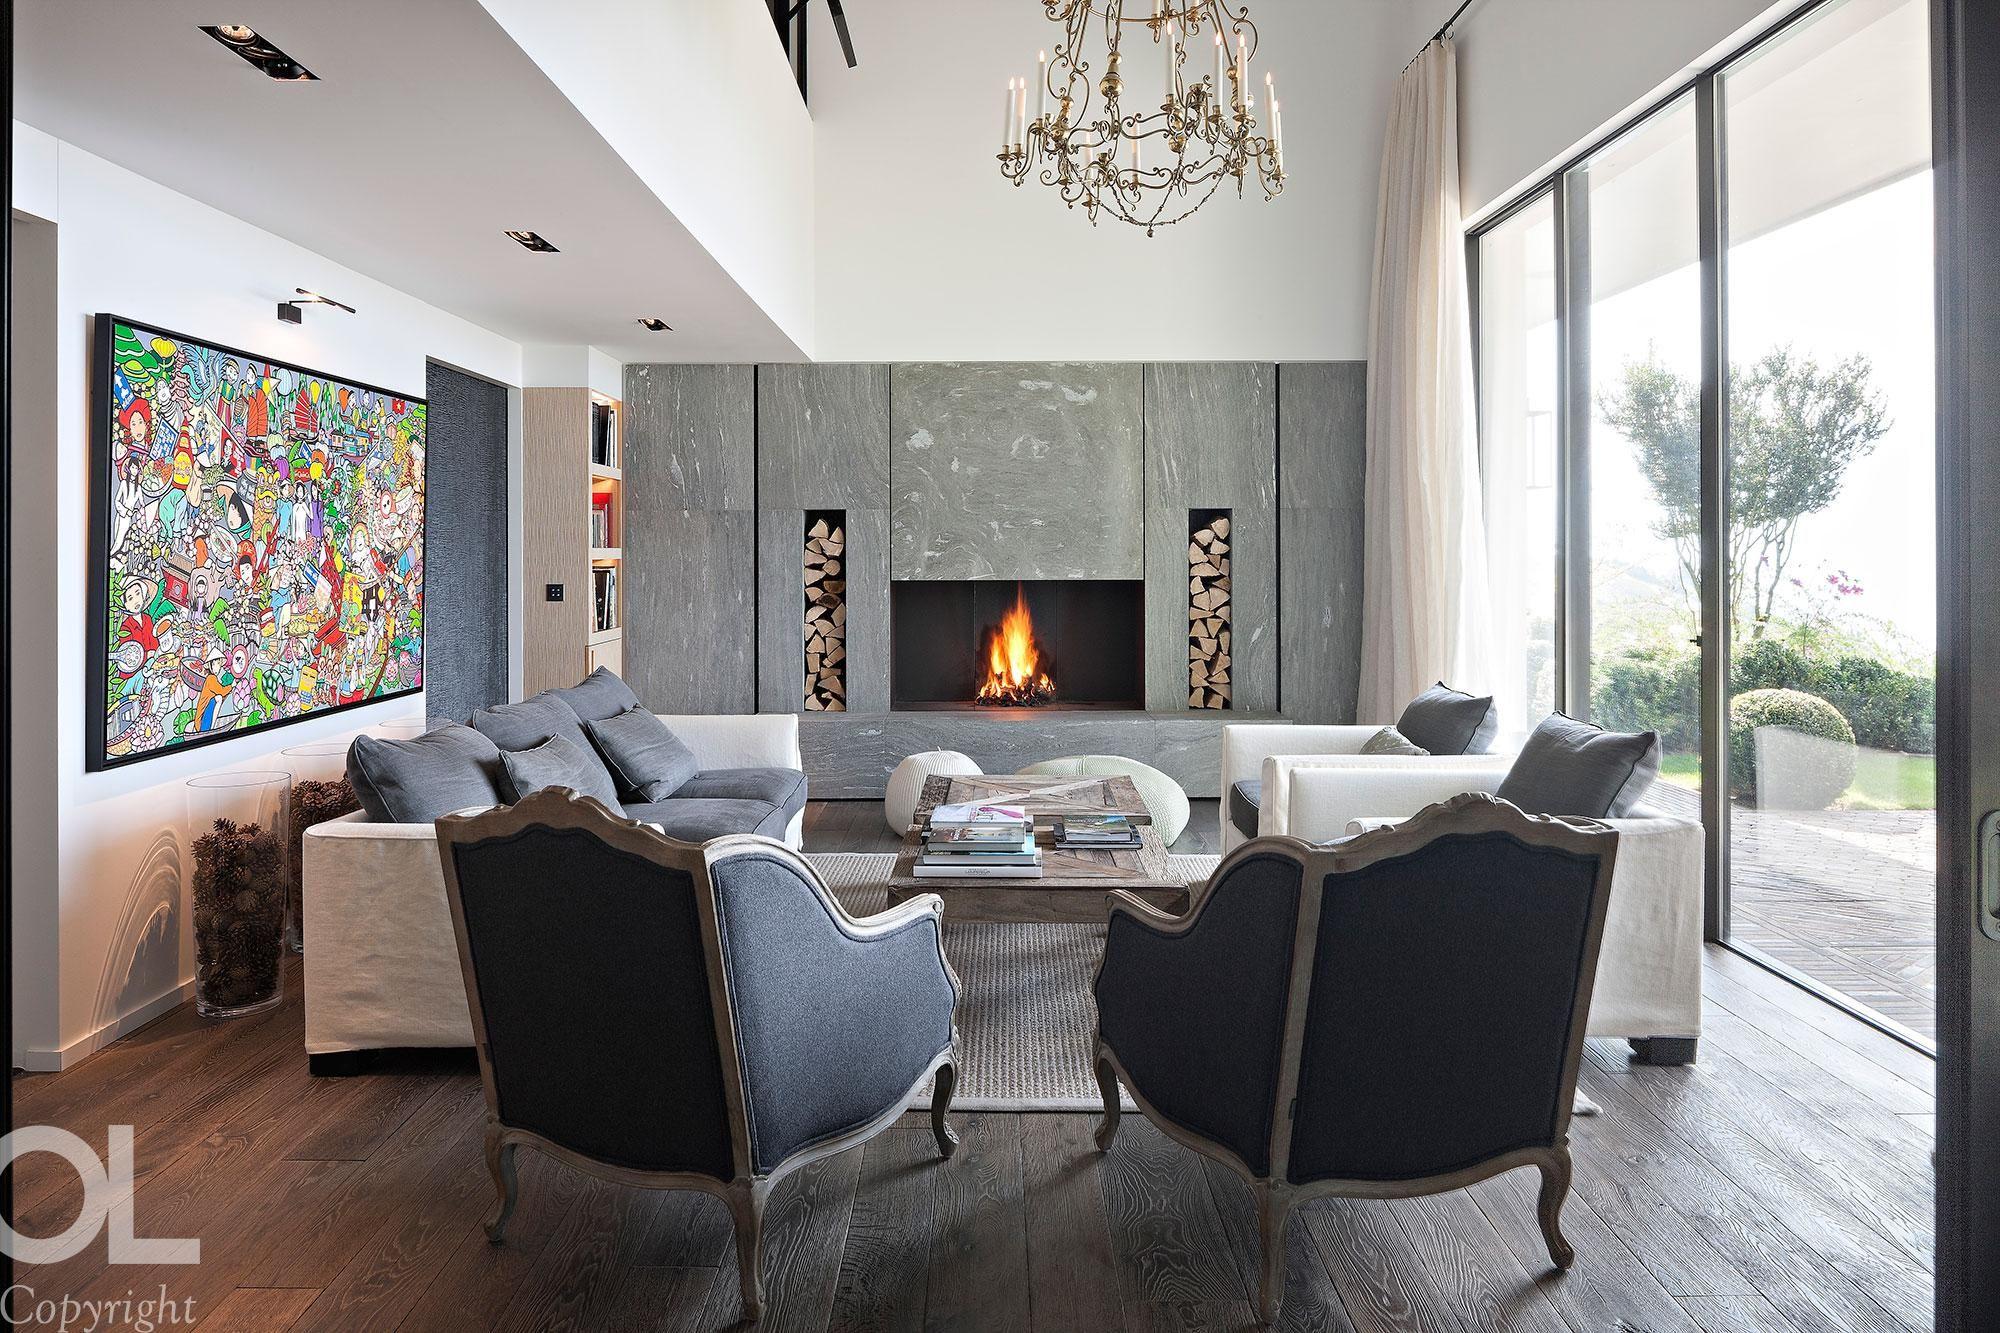 Decorateur Interieur Lausanne hélène et olivier lempereur | architecture d'intérieur, projets de